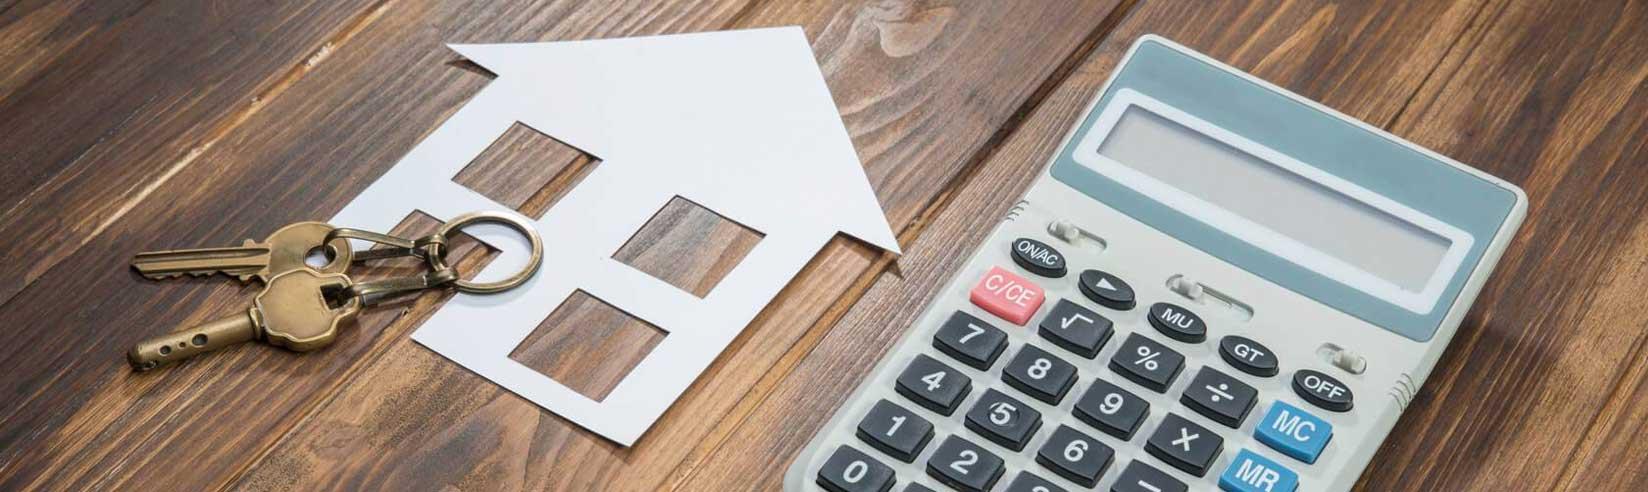 aucap terravea cabinet d expertise comptable audit conseils bourgogne franche comt. Black Bedroom Furniture Sets. Home Design Ideas